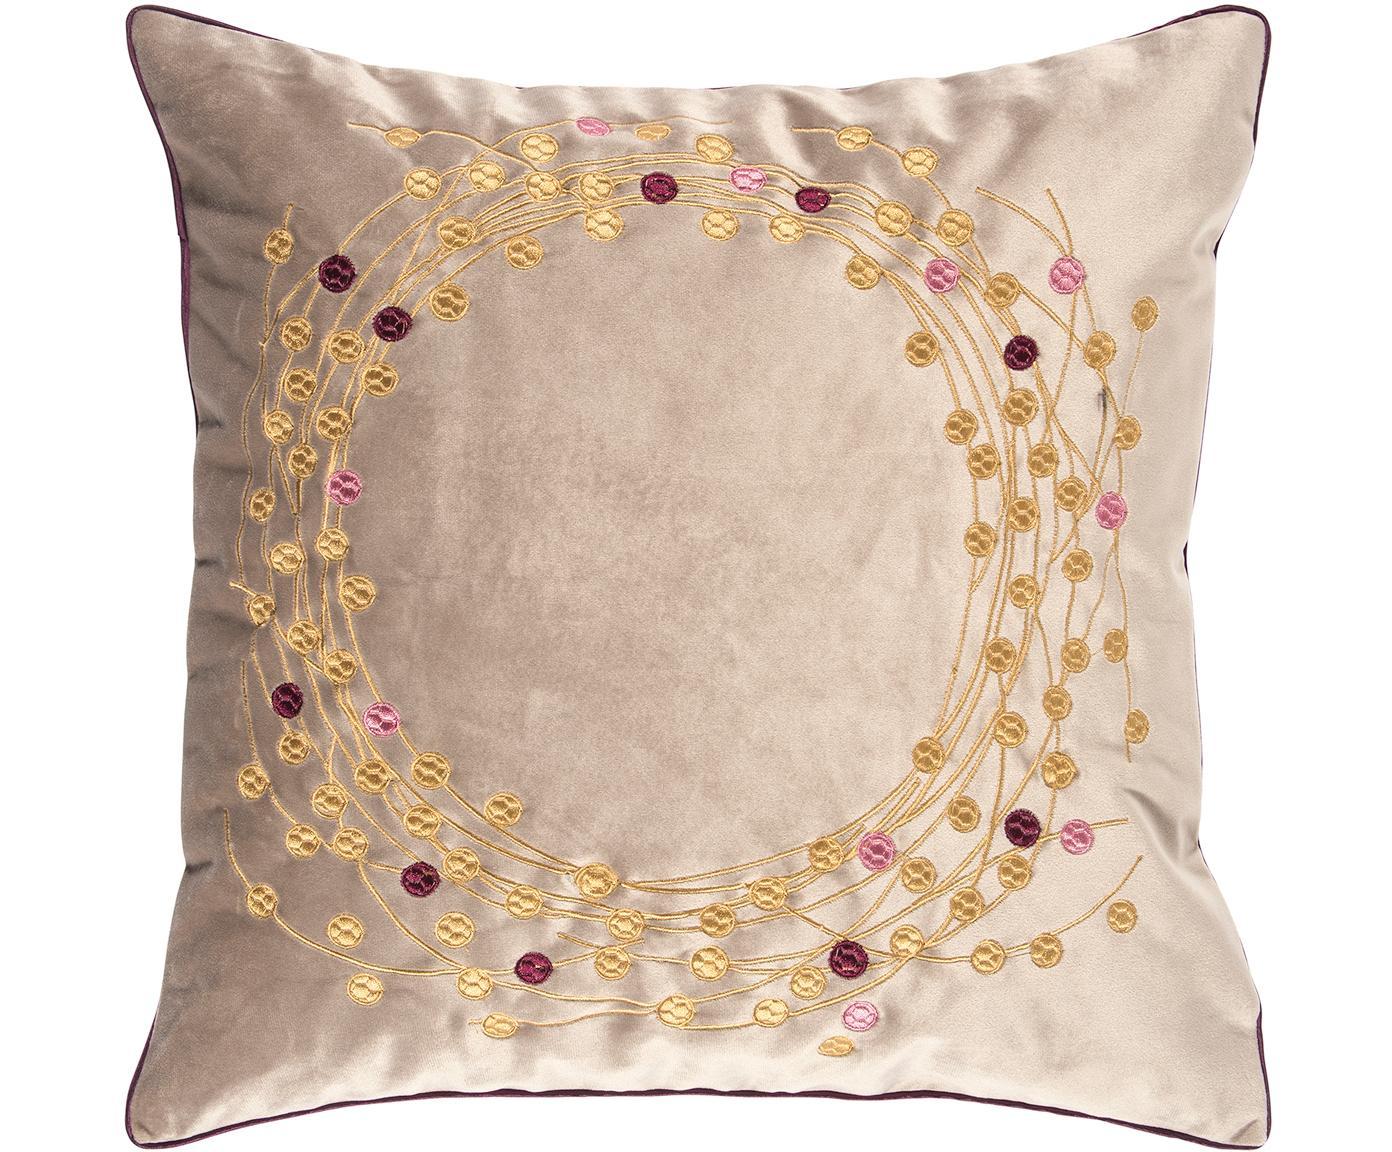 Federa arredo in velluto con motivo invernale Circle, Velluto di poliestere, Sabbia, dorato, Larg. 45 x Lung. 45 cm